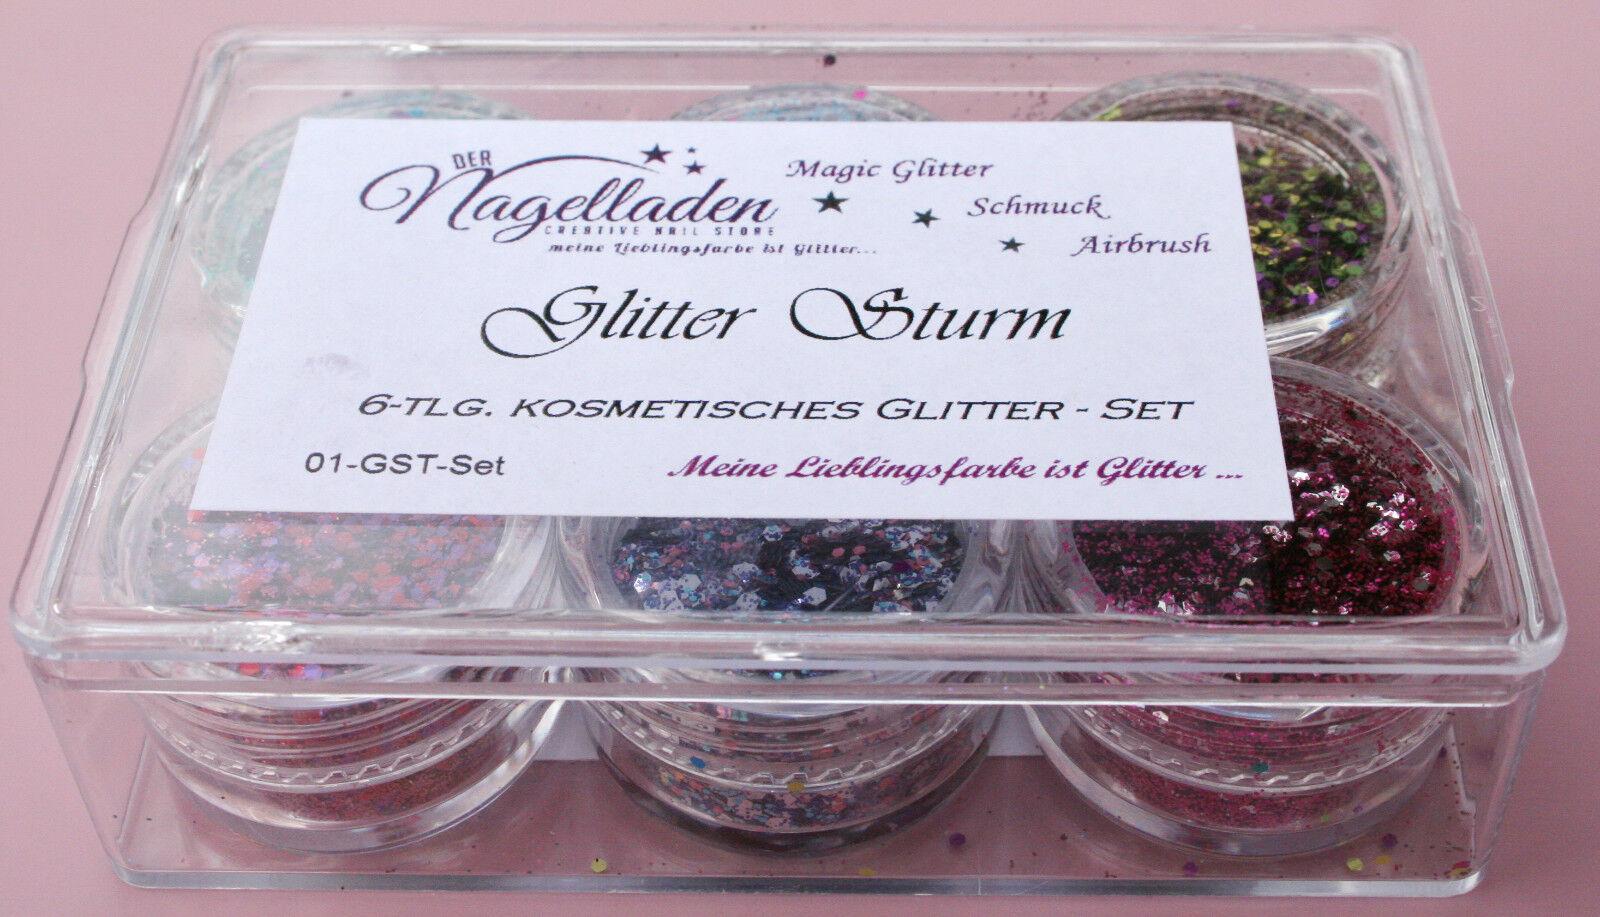 Der Nagelladen : Glitter Sturm - 6 Glitter